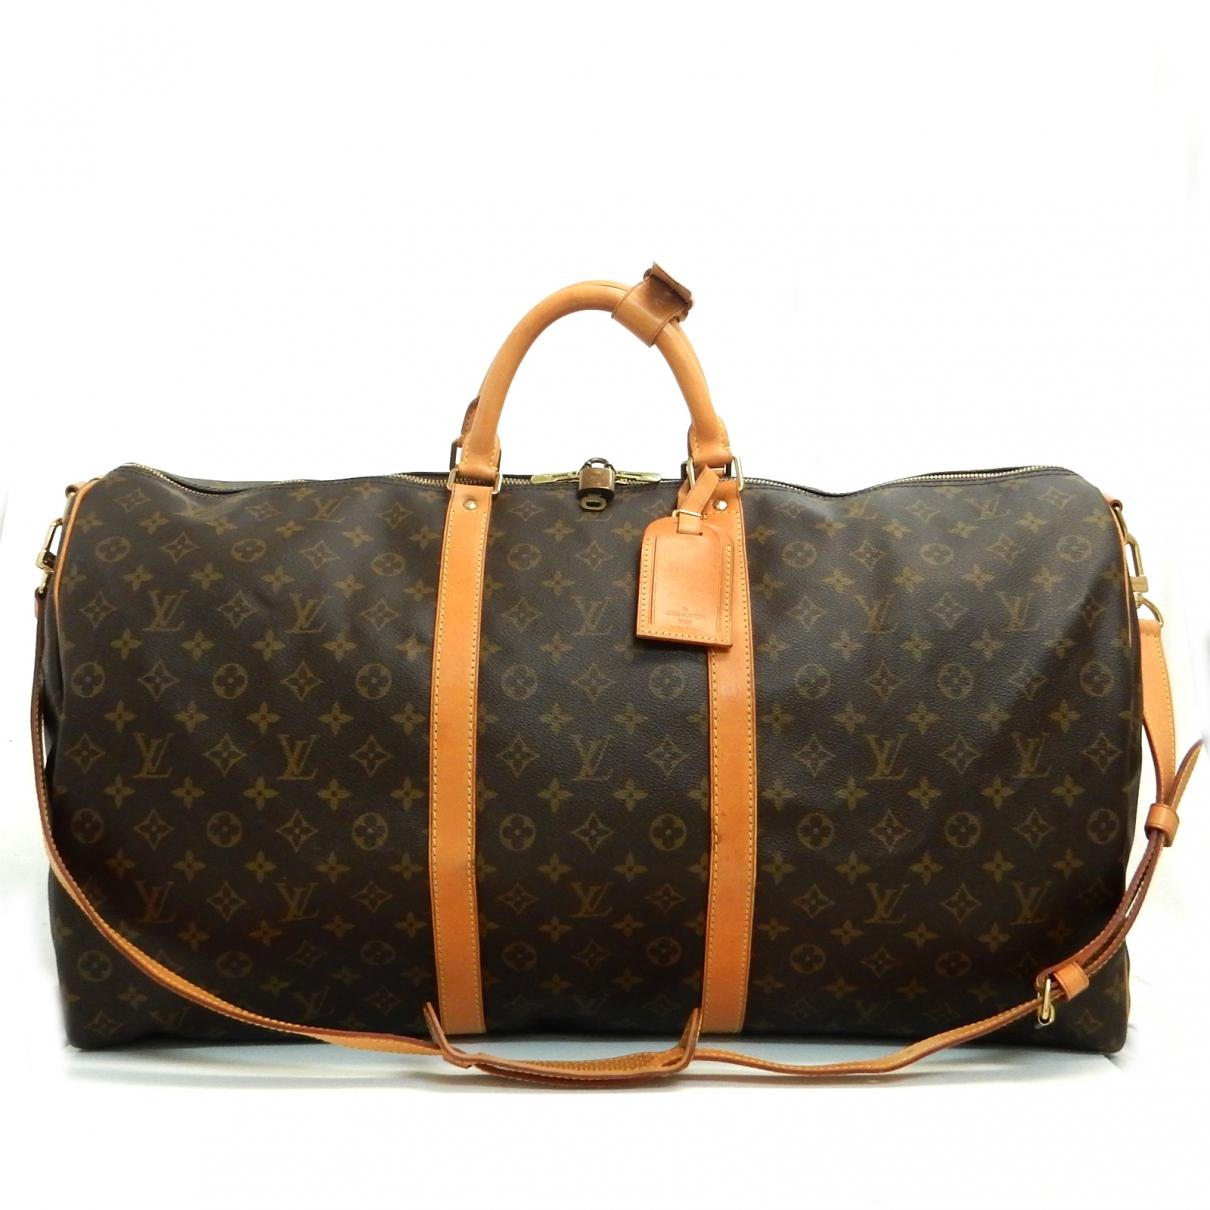 Louis Vuitton Keepall Reisetasche in  Braun Leinen